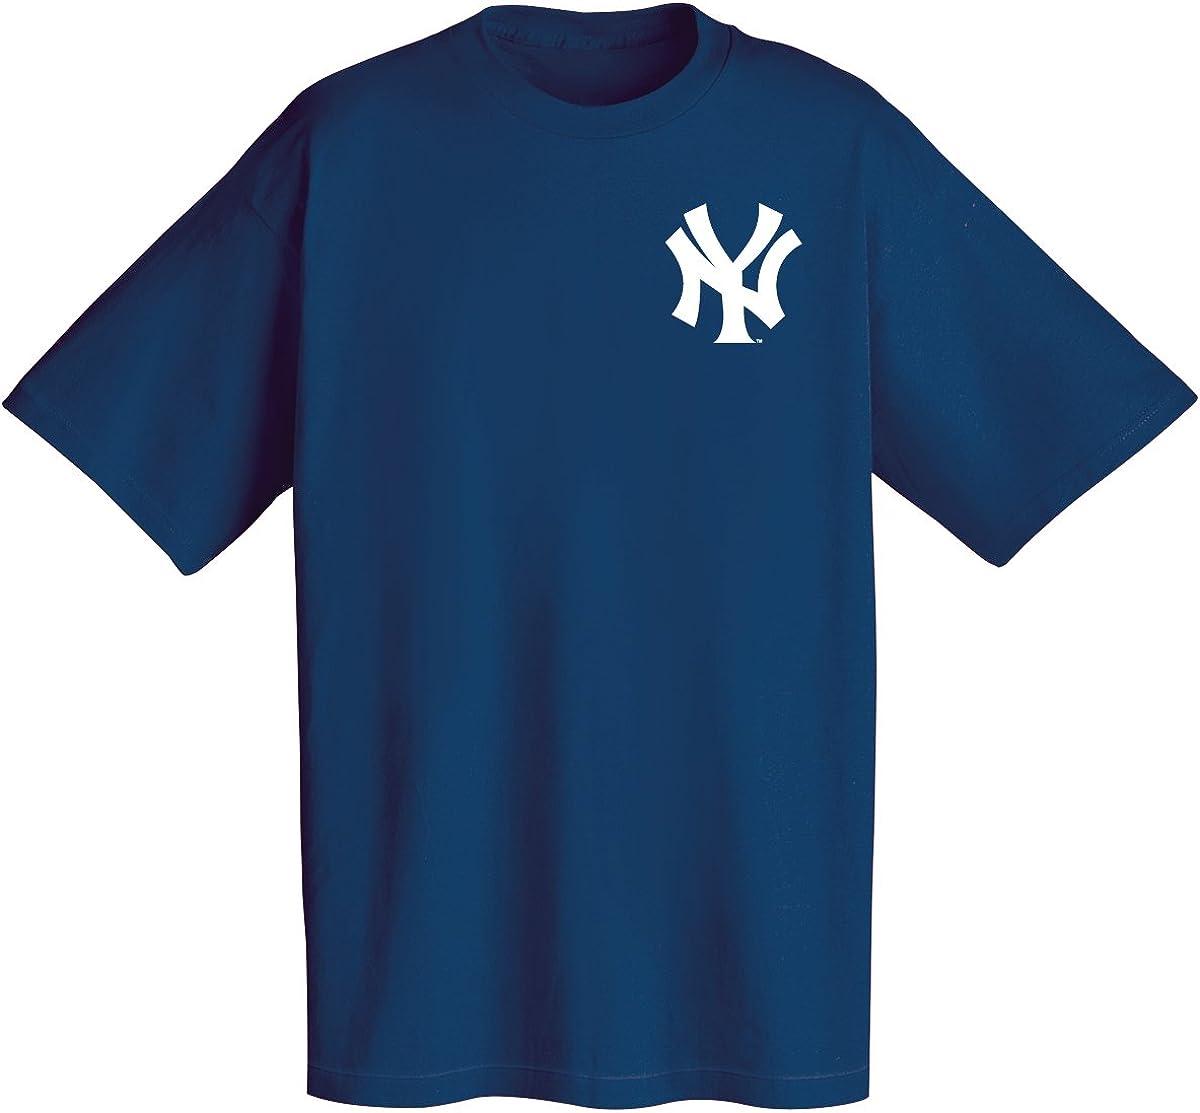 New Black New York Yankees Majestic Men/'s MLB Longline T-Shirt L XL XXL